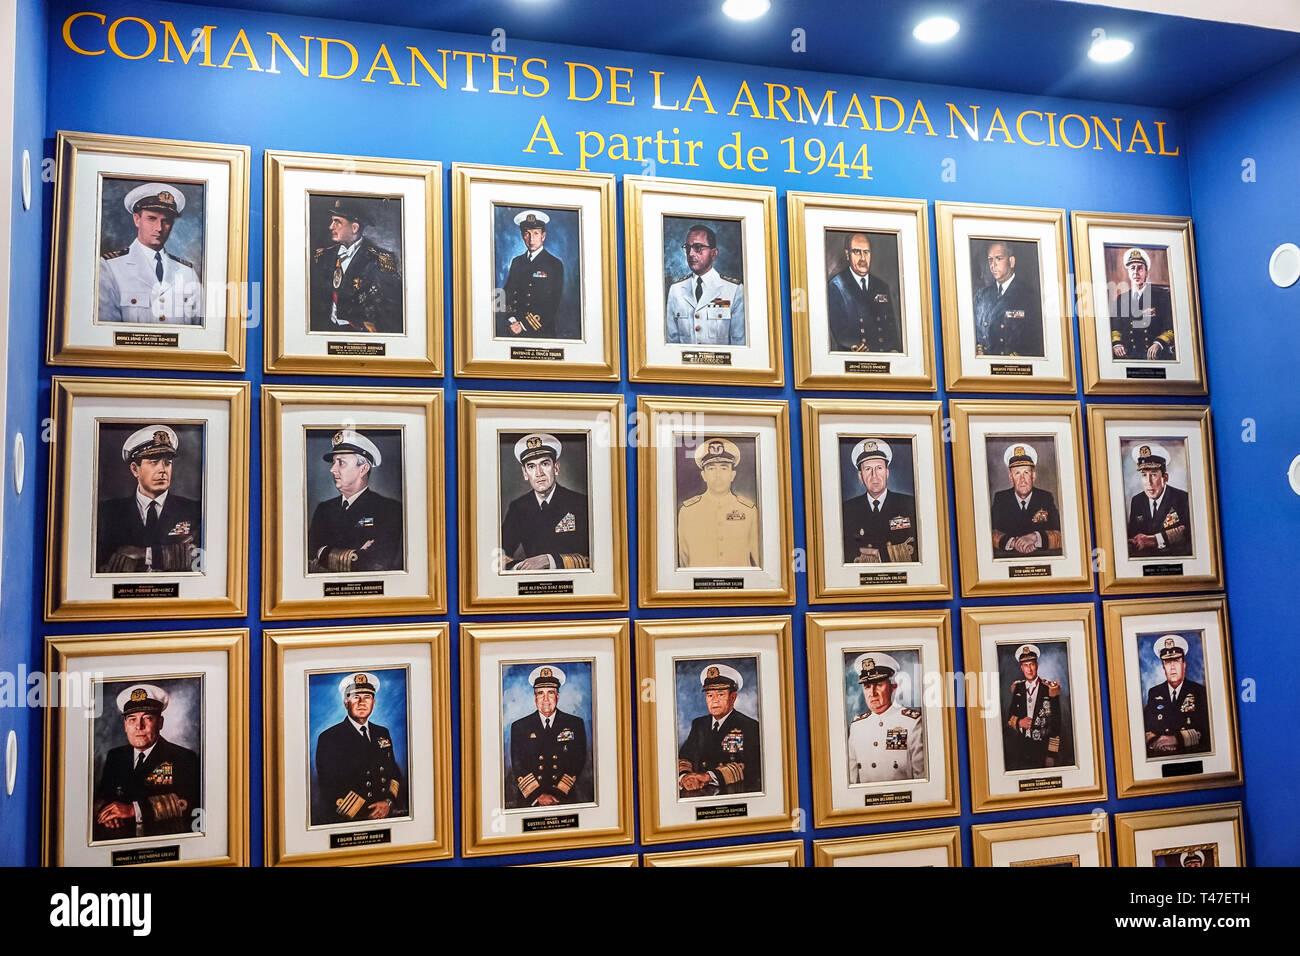 La vieille ville fortifiée de Cartagena Colombie centre centre Centro Museo Naval del Caribe musée naval des Caraïbes photographies portraits d'exposition de la marine colombienne Com Photo Stock